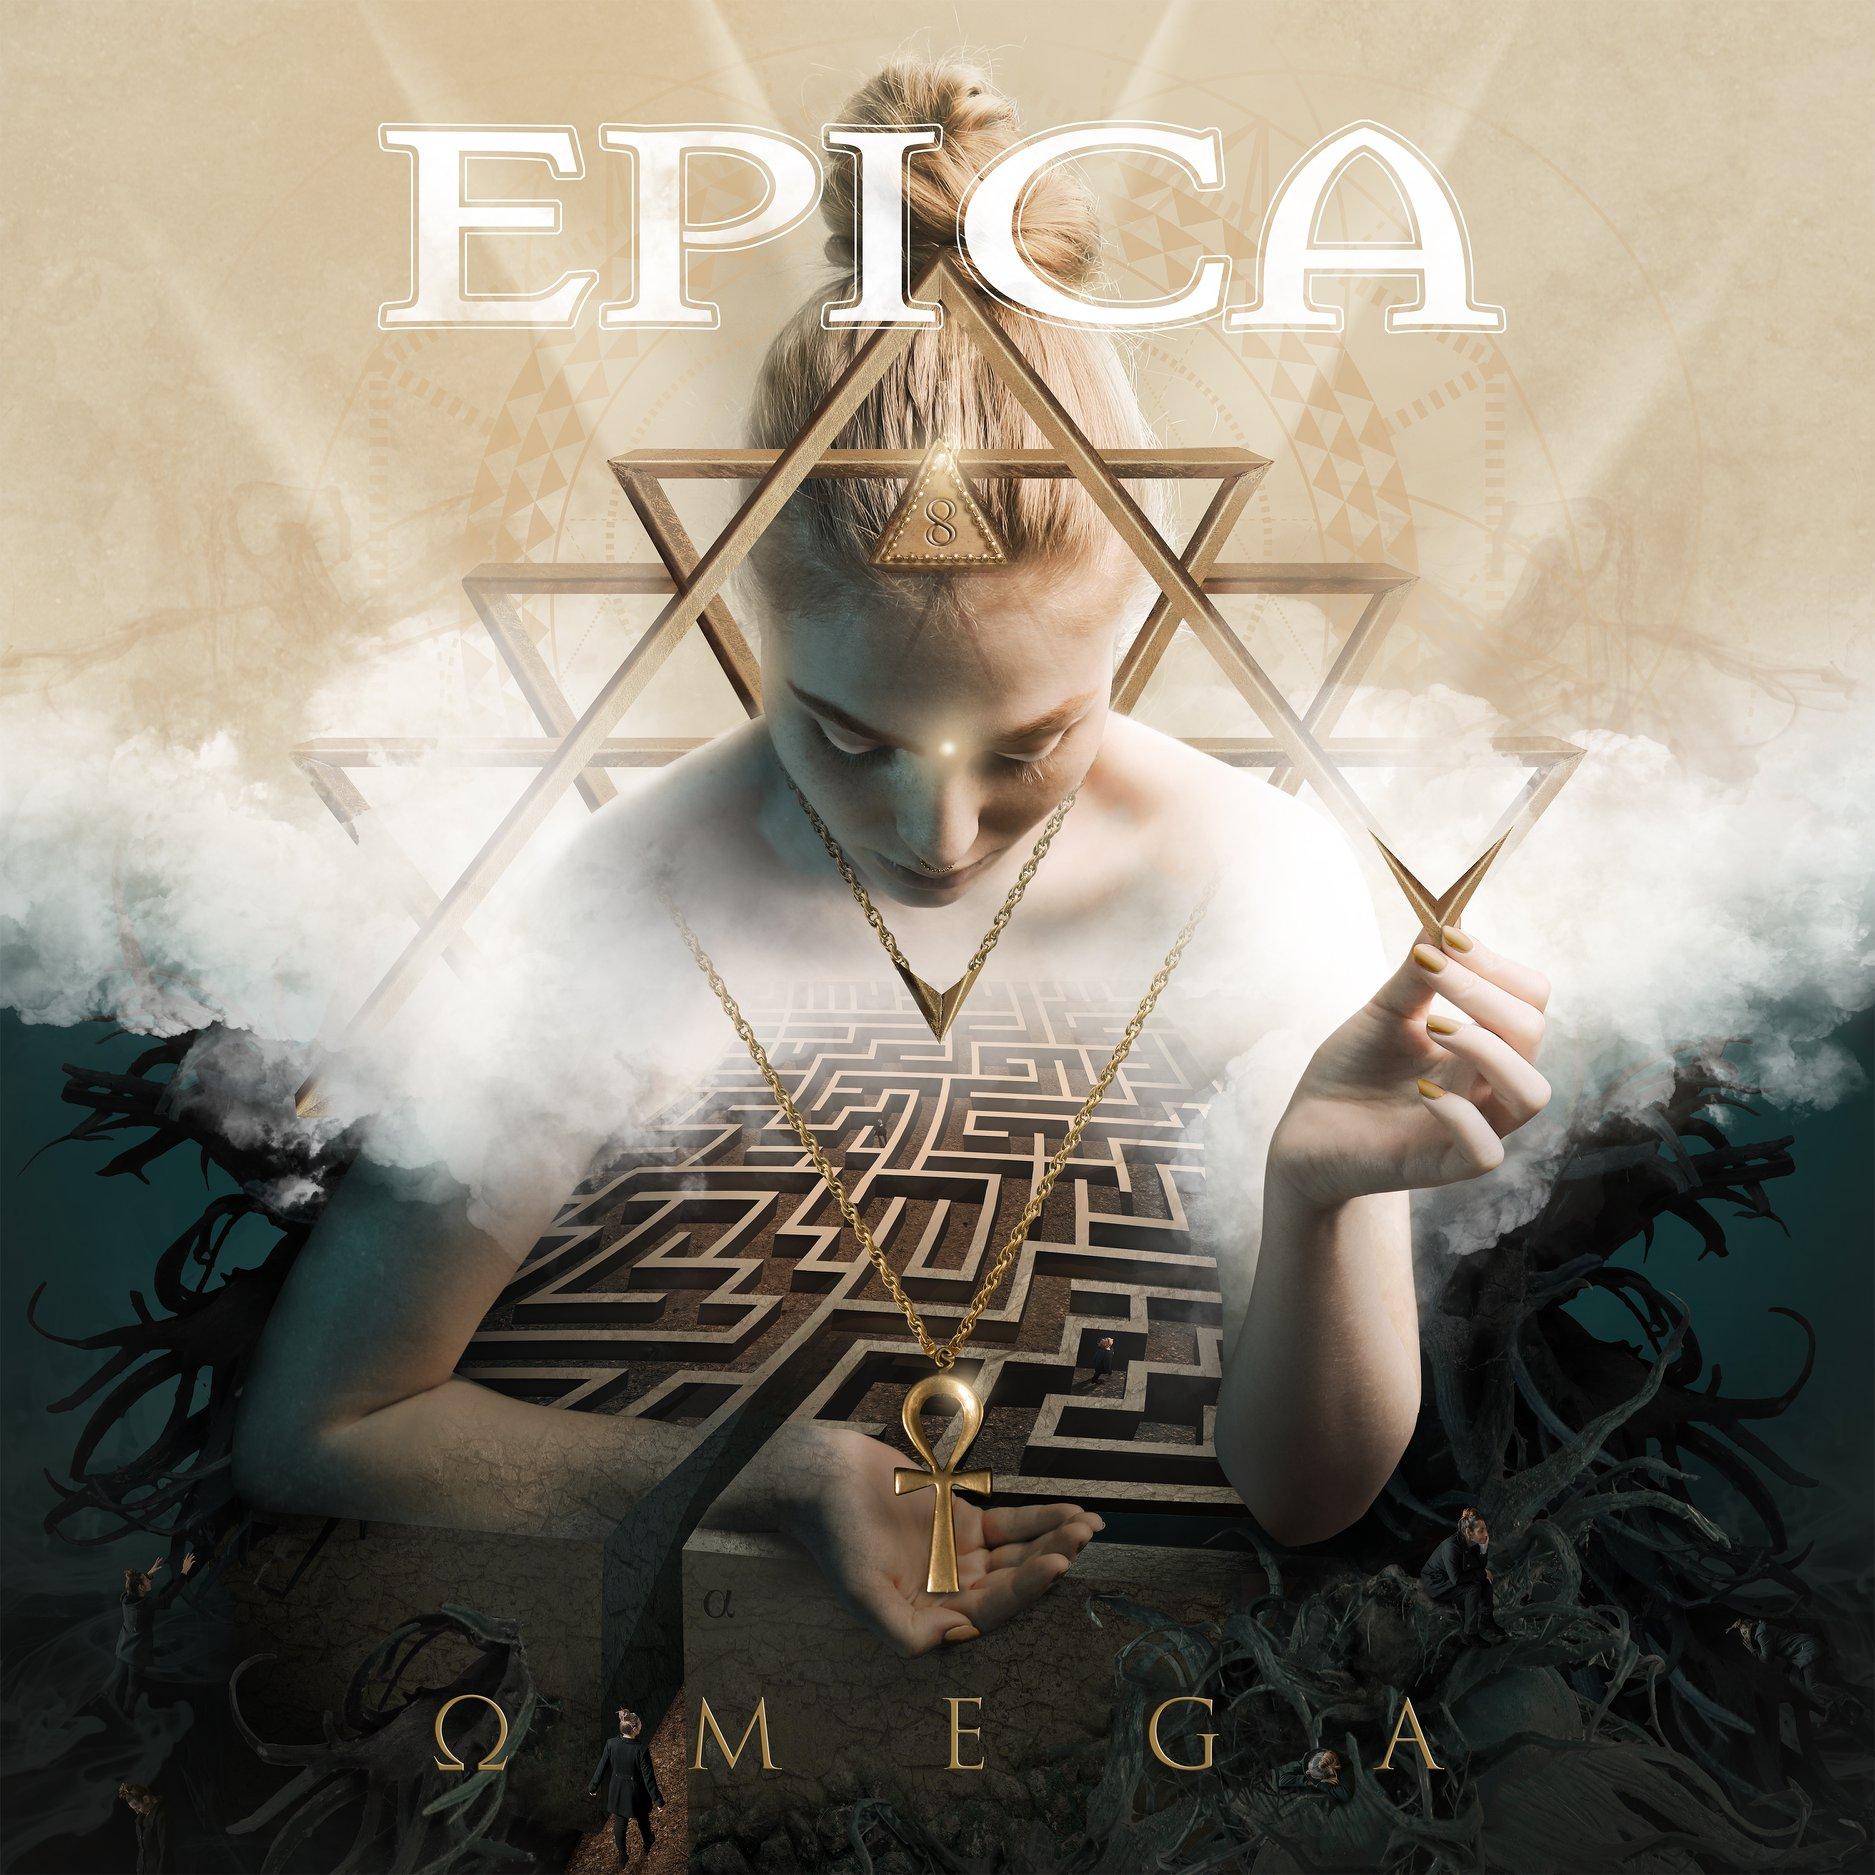 Epica - Omega [Hi-Res] (2021) FLAC